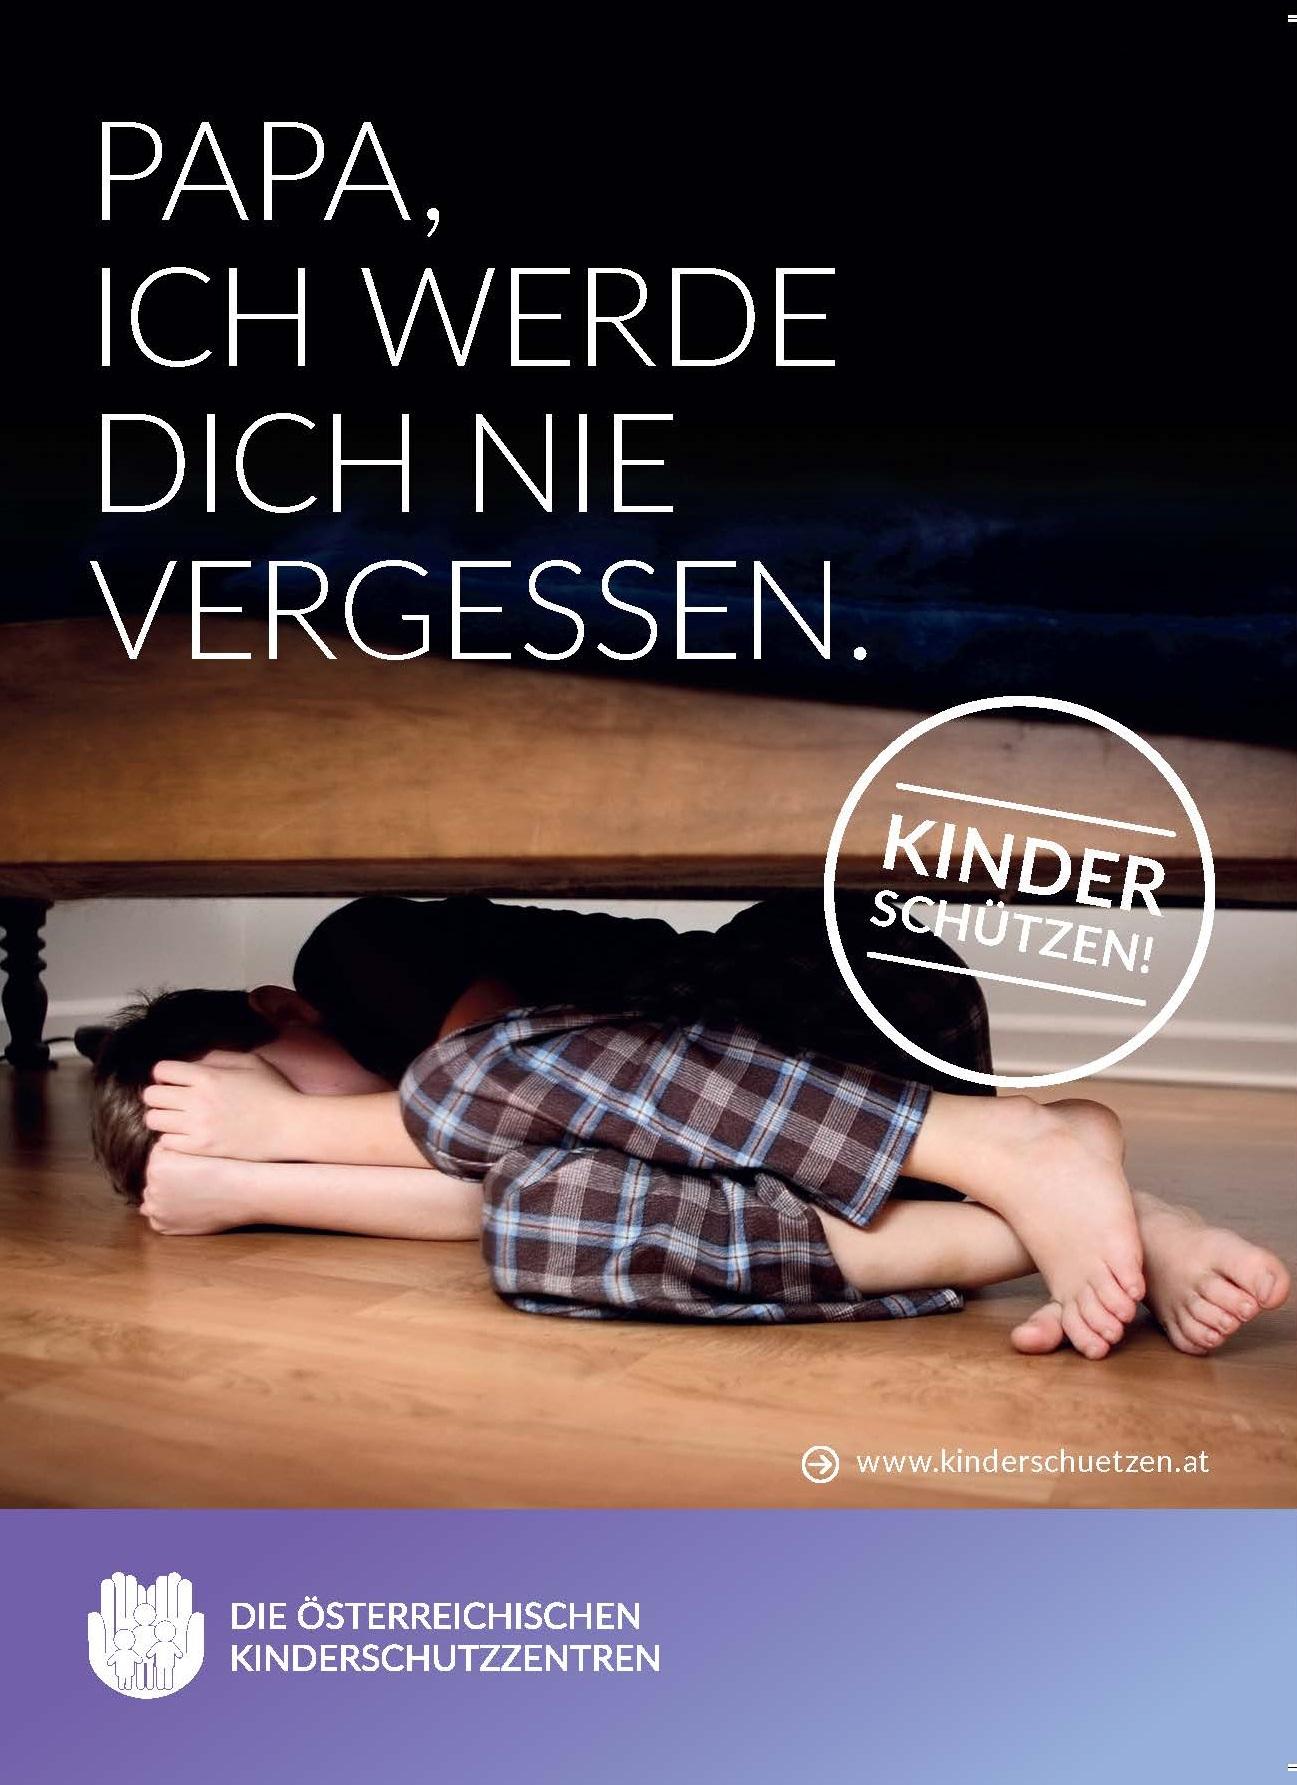 Kinderschützen_Elternstützen_Papa_Postkarte_SUJET_DINA6_Seite_1